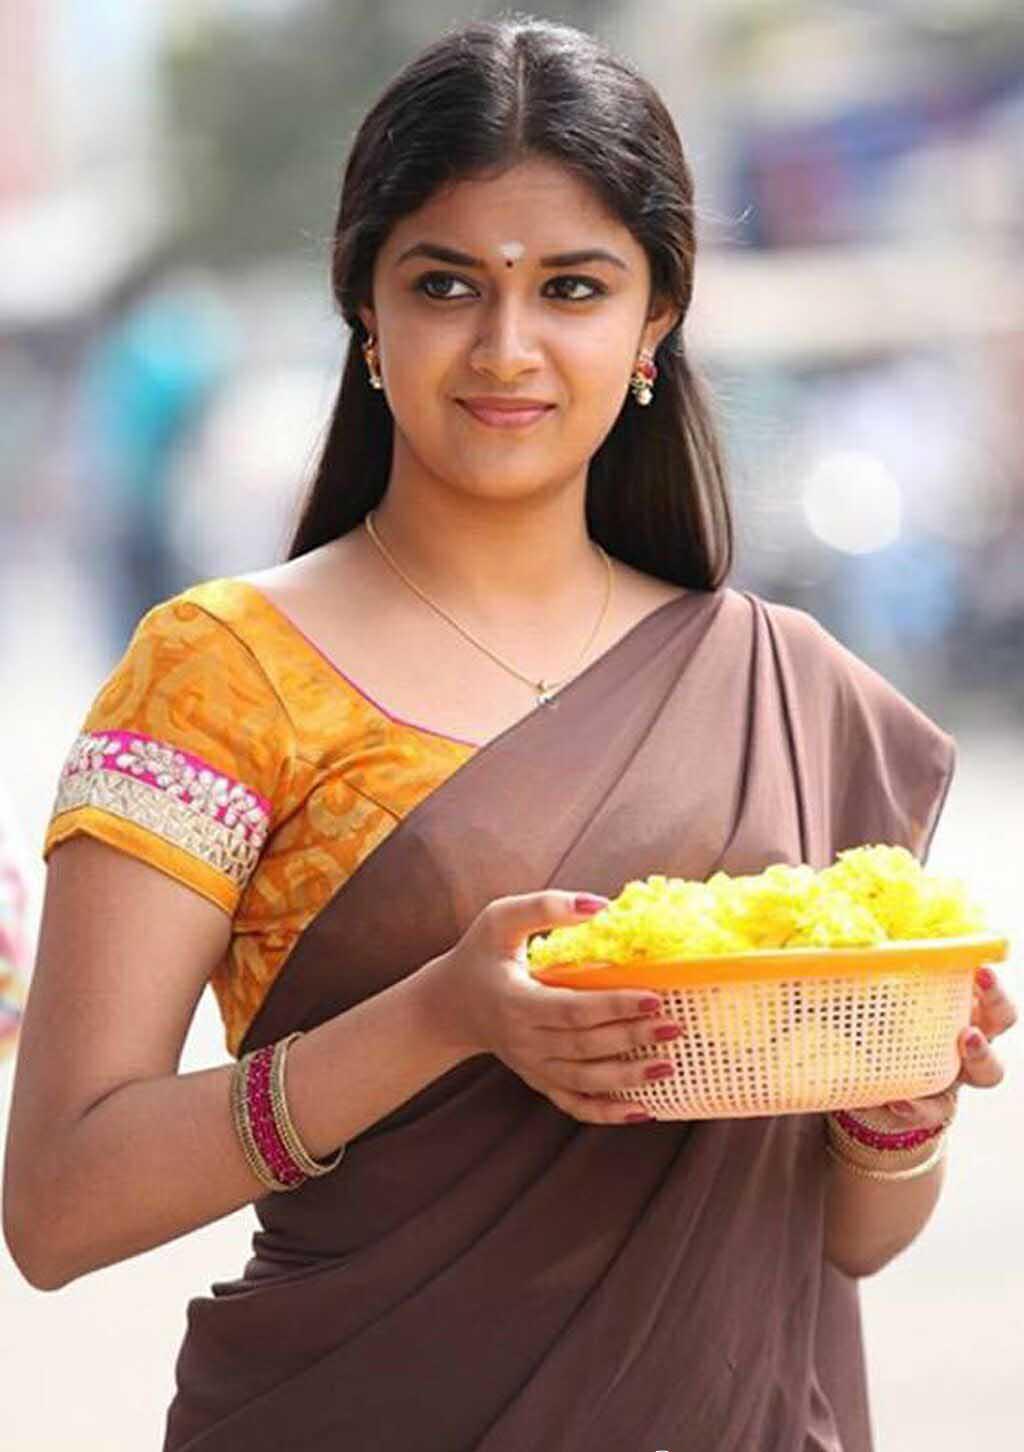 ashwariya rai free pron mobile vedios